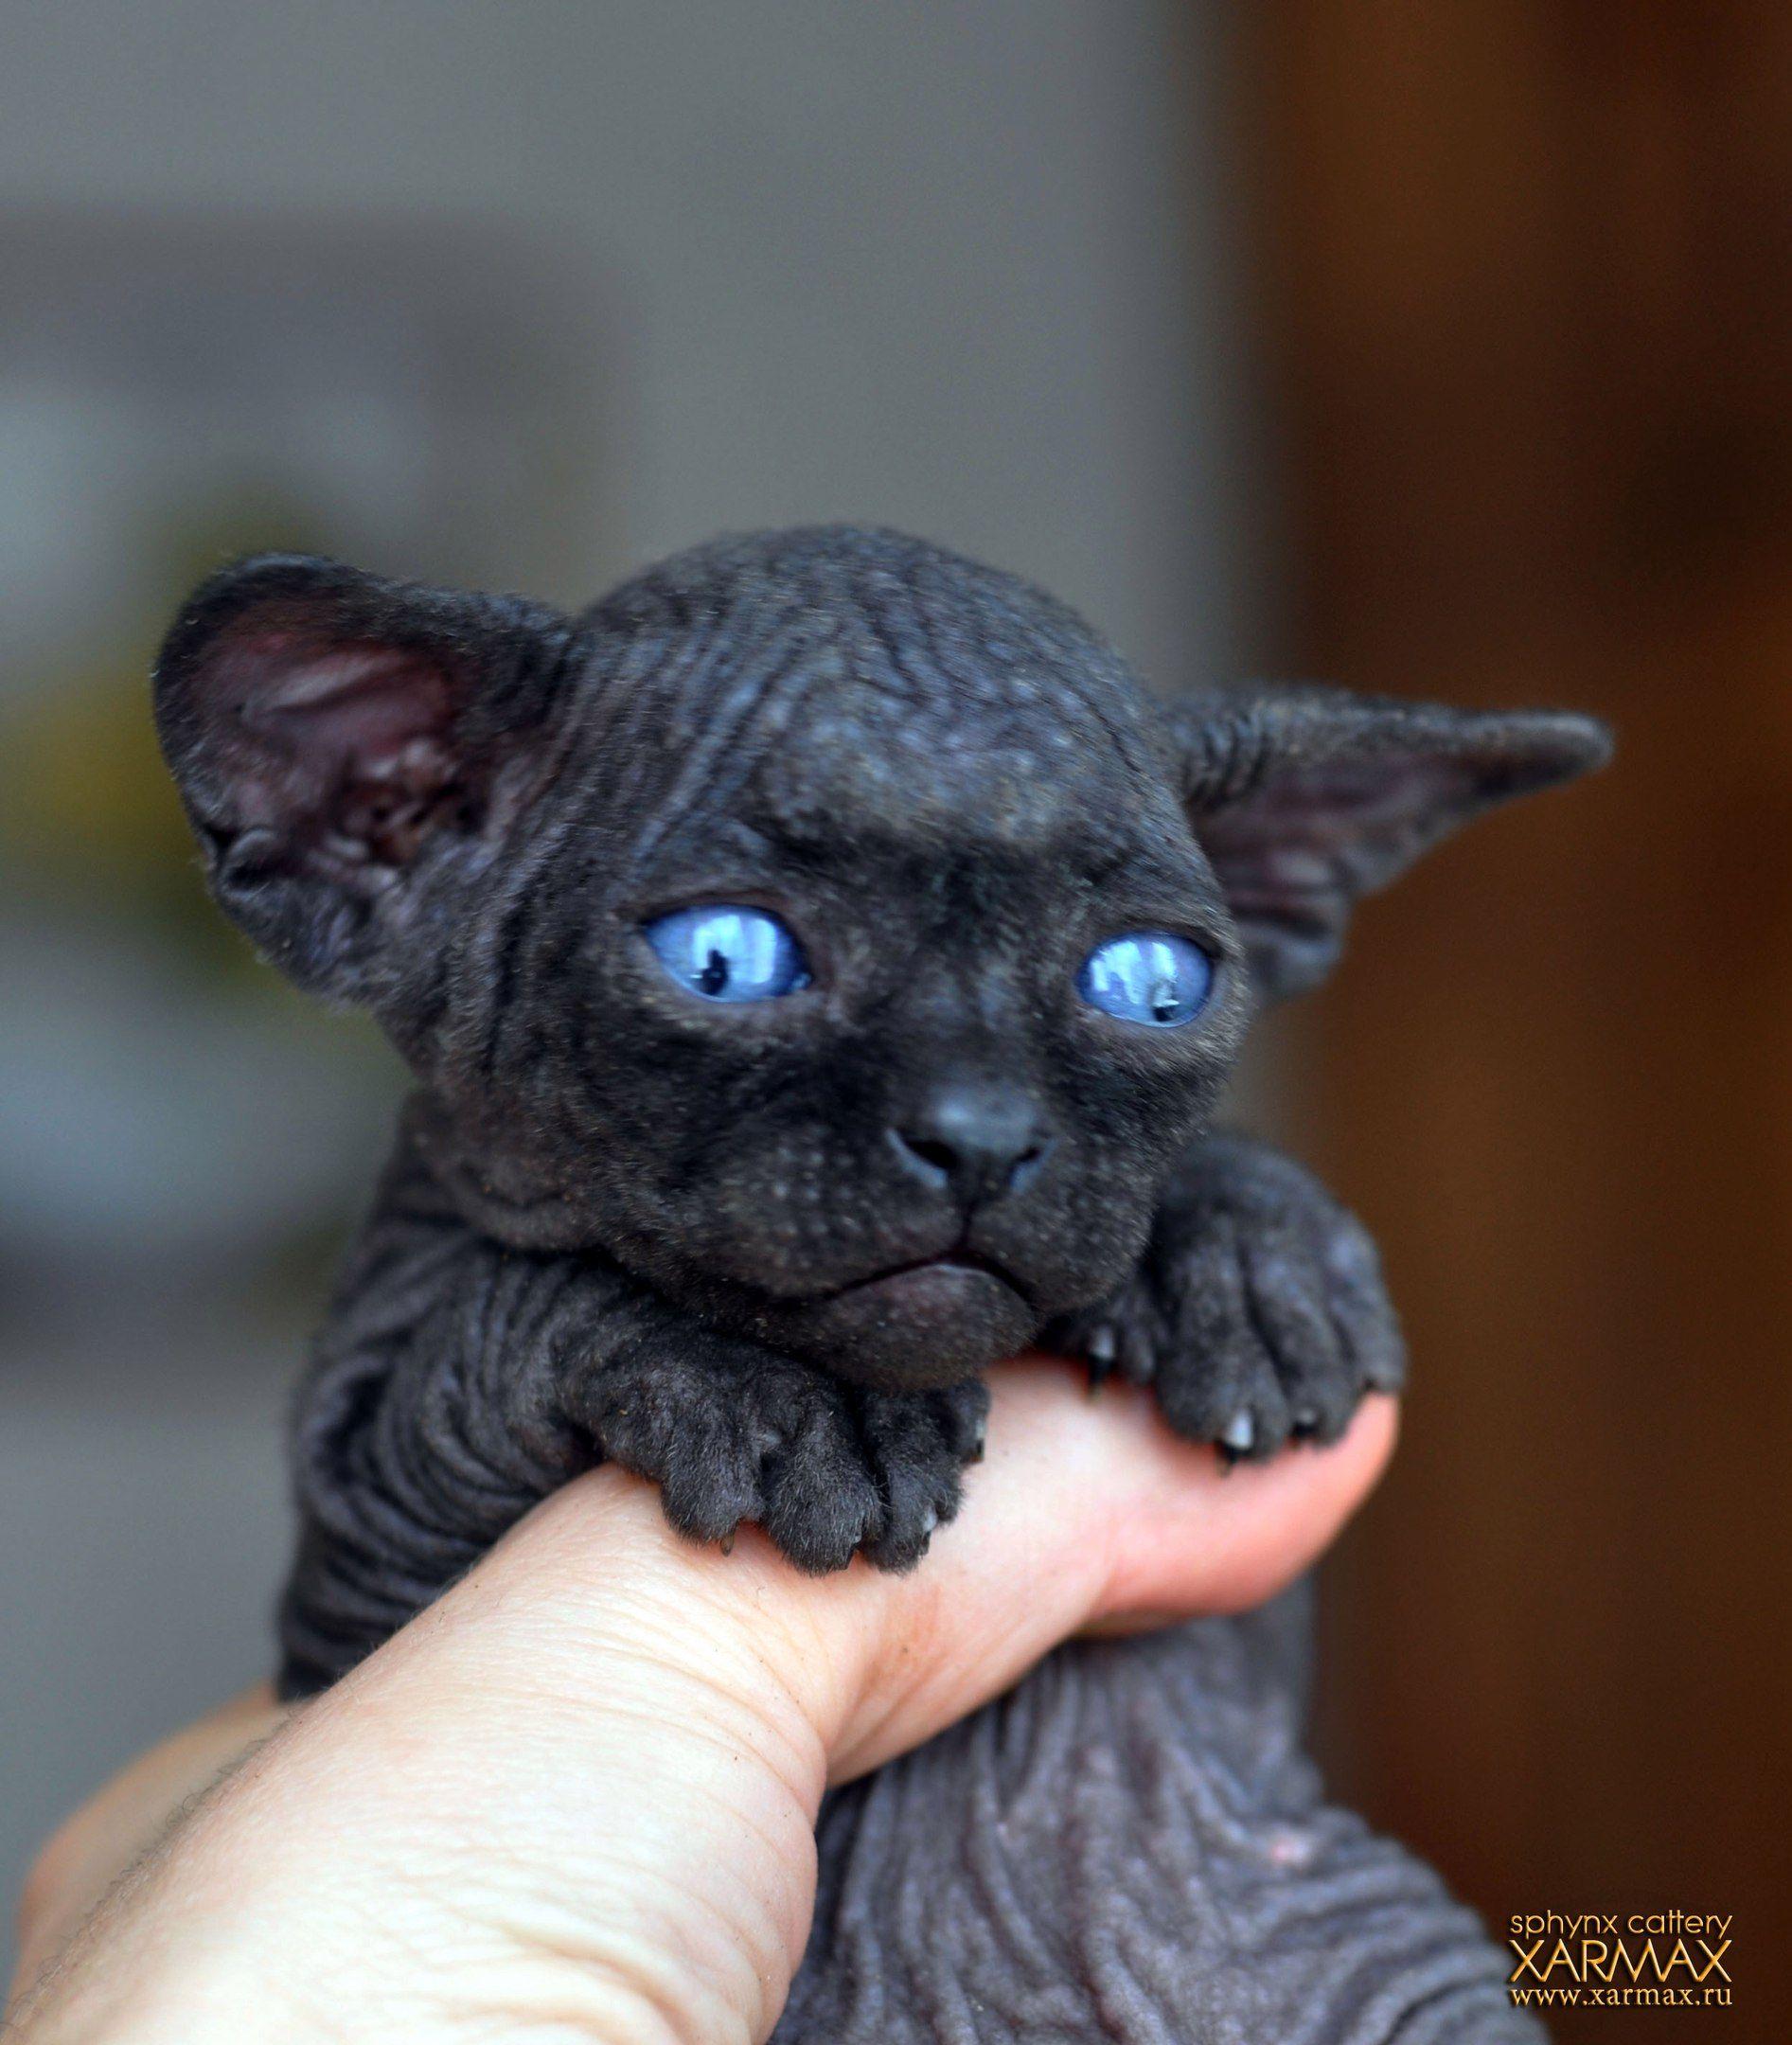 Black sphynx kittens for sale! | My Kittty kats | Sphynx kittens for